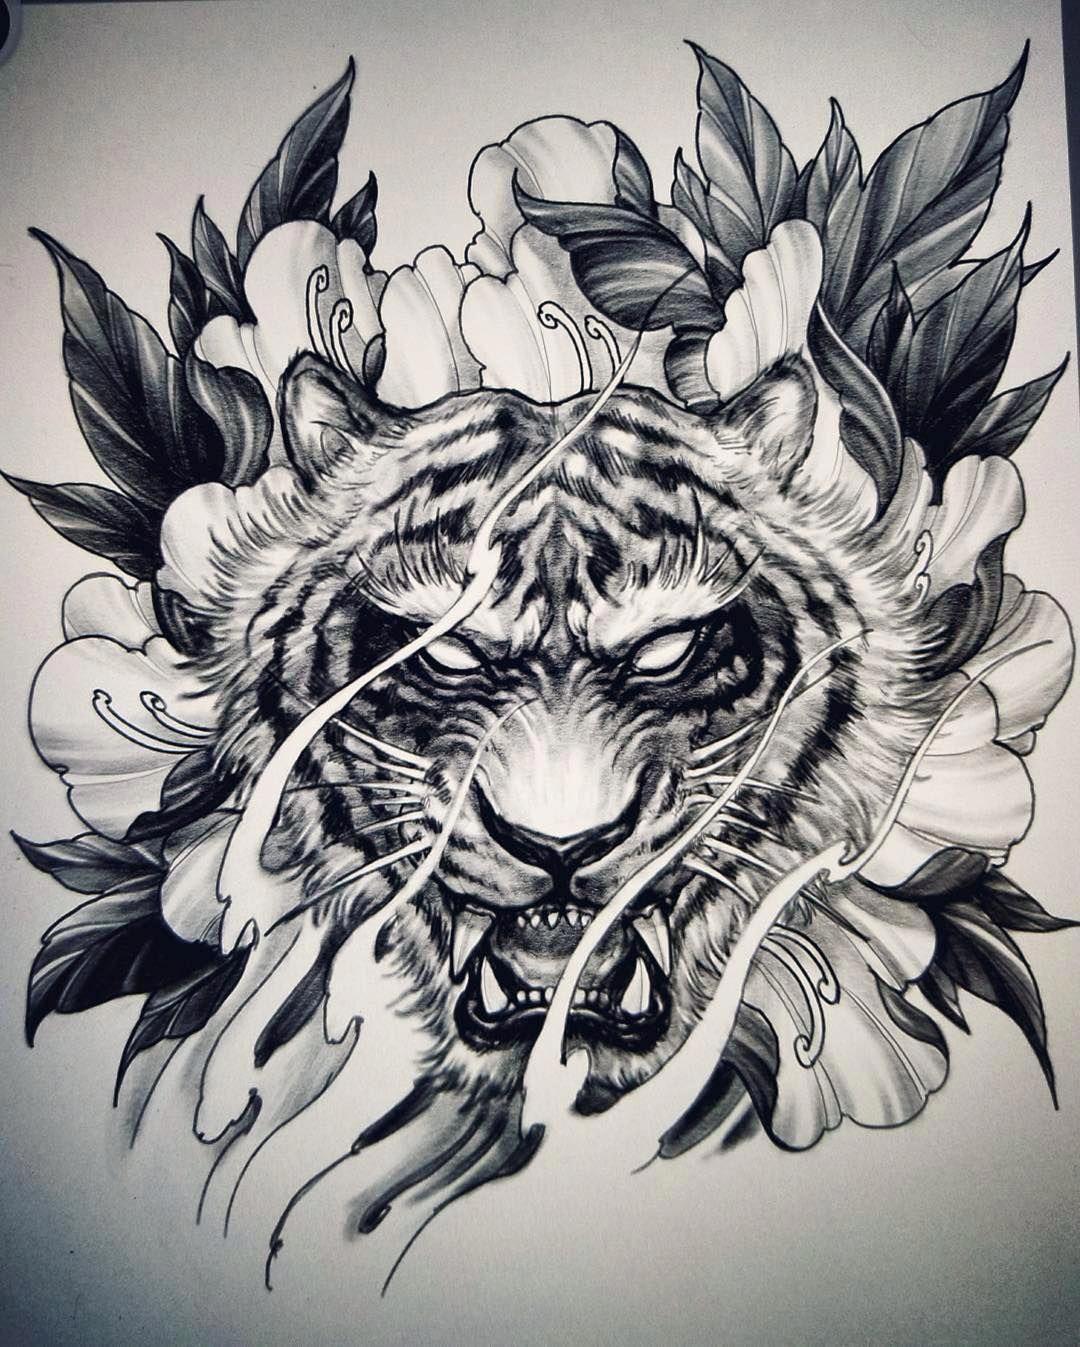 Japanese Sleeve Tattoos Ideas Japanesetattoos Japanese Sleeve Tattoos Ideas Japanesetattoos Blackan In 2020 Tiger Tattoo Design Tiger Tattoo Tiger Hand Tattoo